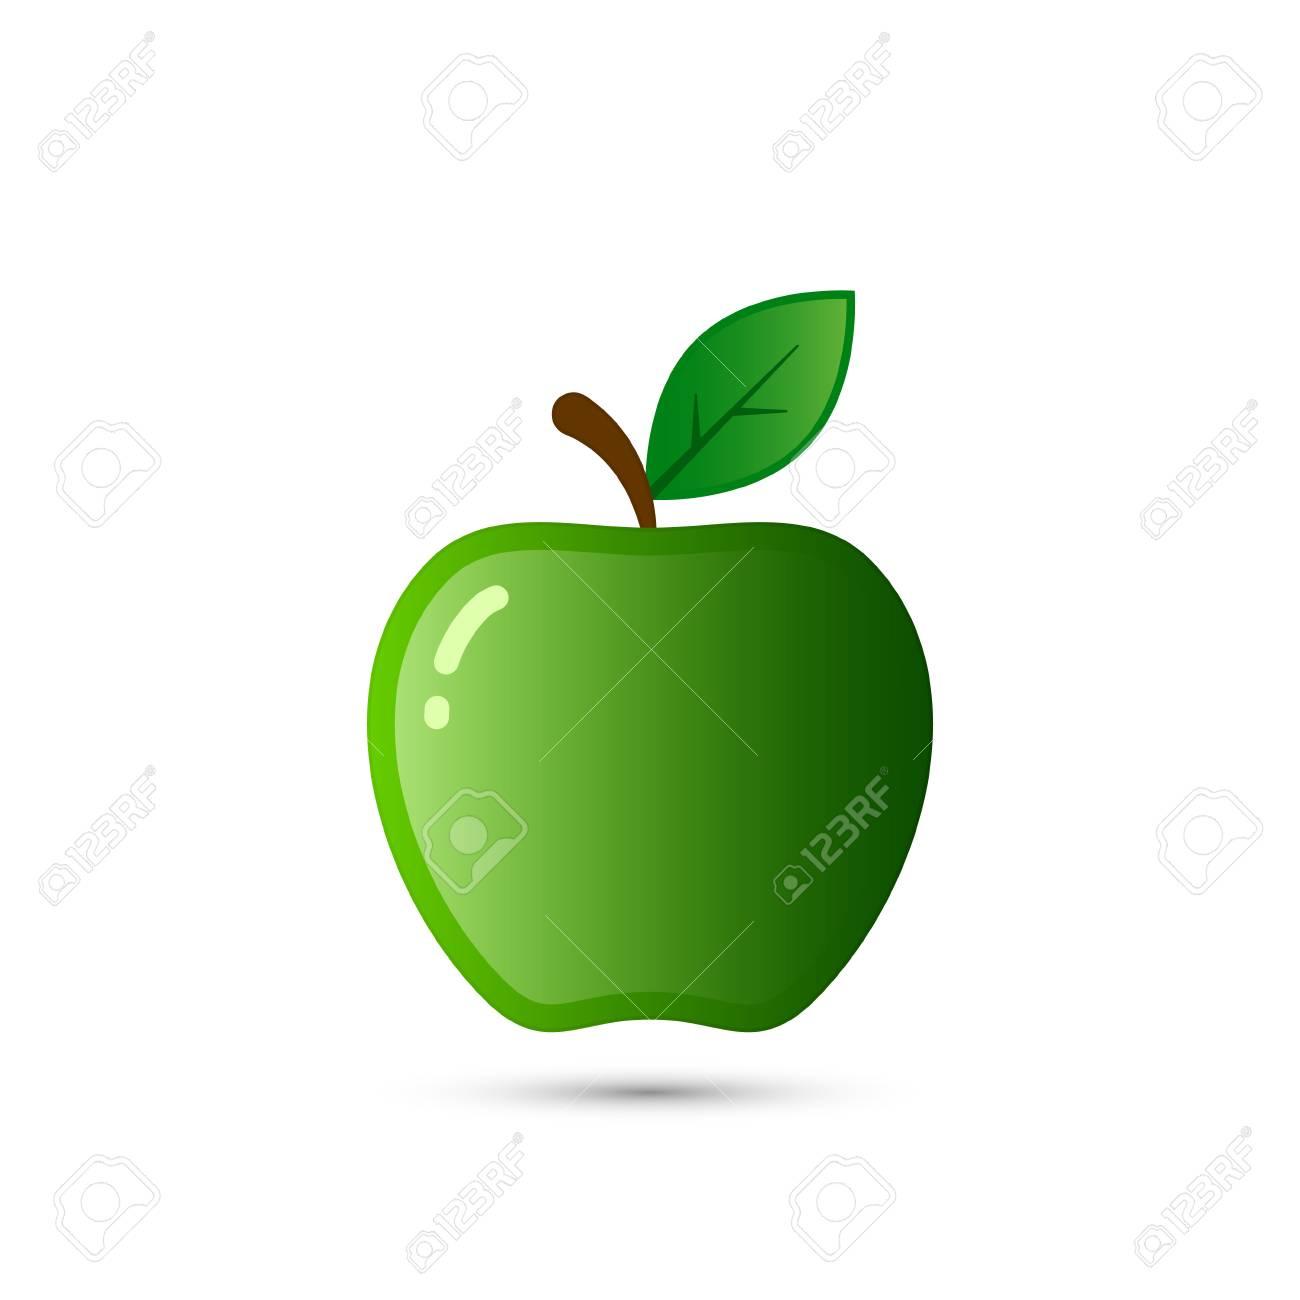 Vettoriale Illustrazione Di Apple Isolato Su Sfondo Bianco